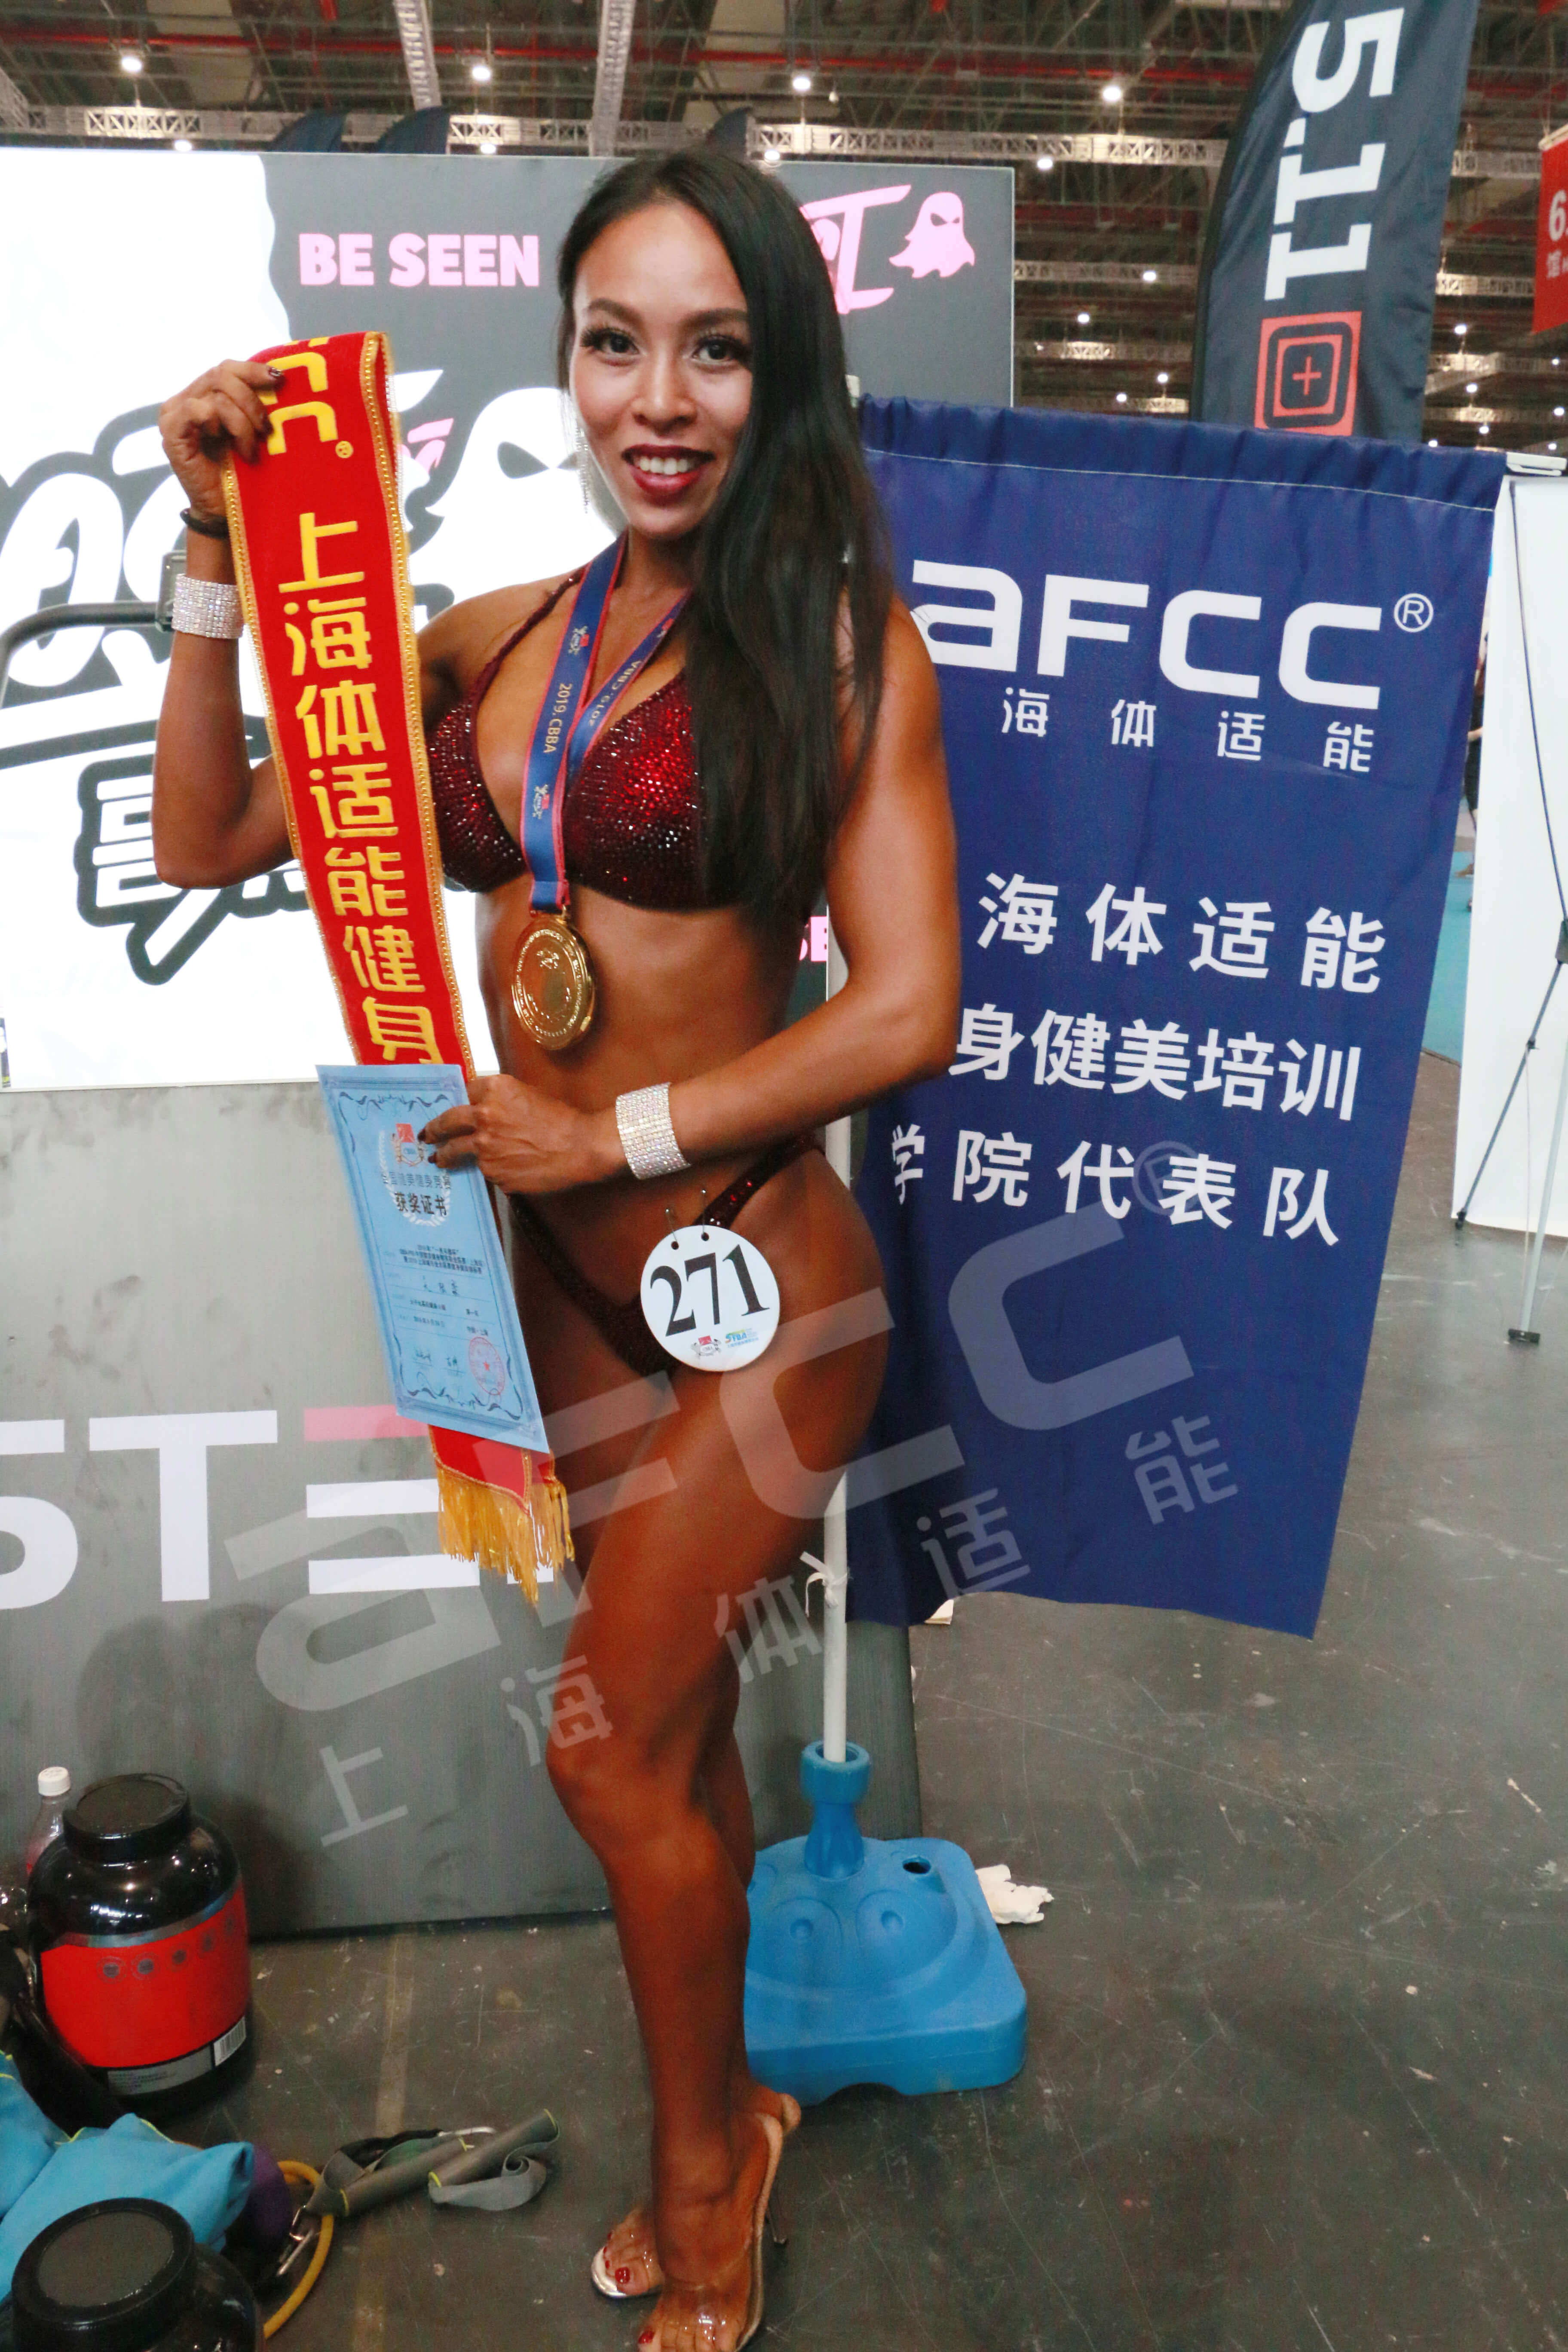 上海健身健美协会体适能健身学院代表队——吴陆淼女子比基尼健身A组164(含)以下 冠军